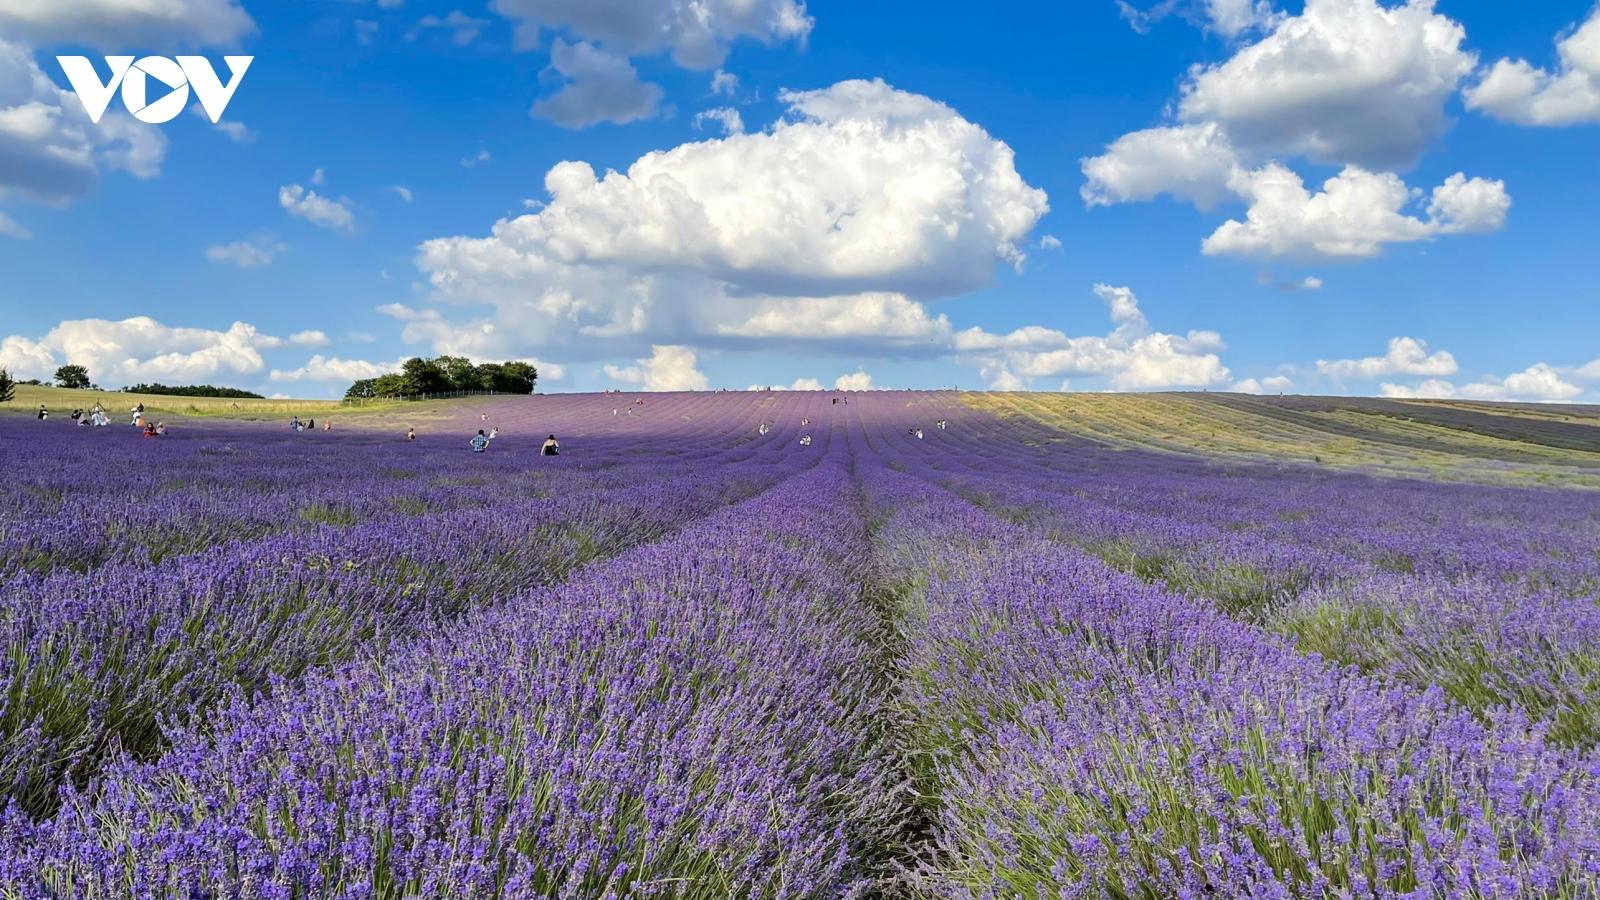 Chẳng cần đến Pháp cũng được ngắm hoa lavender tuyệt đẹp